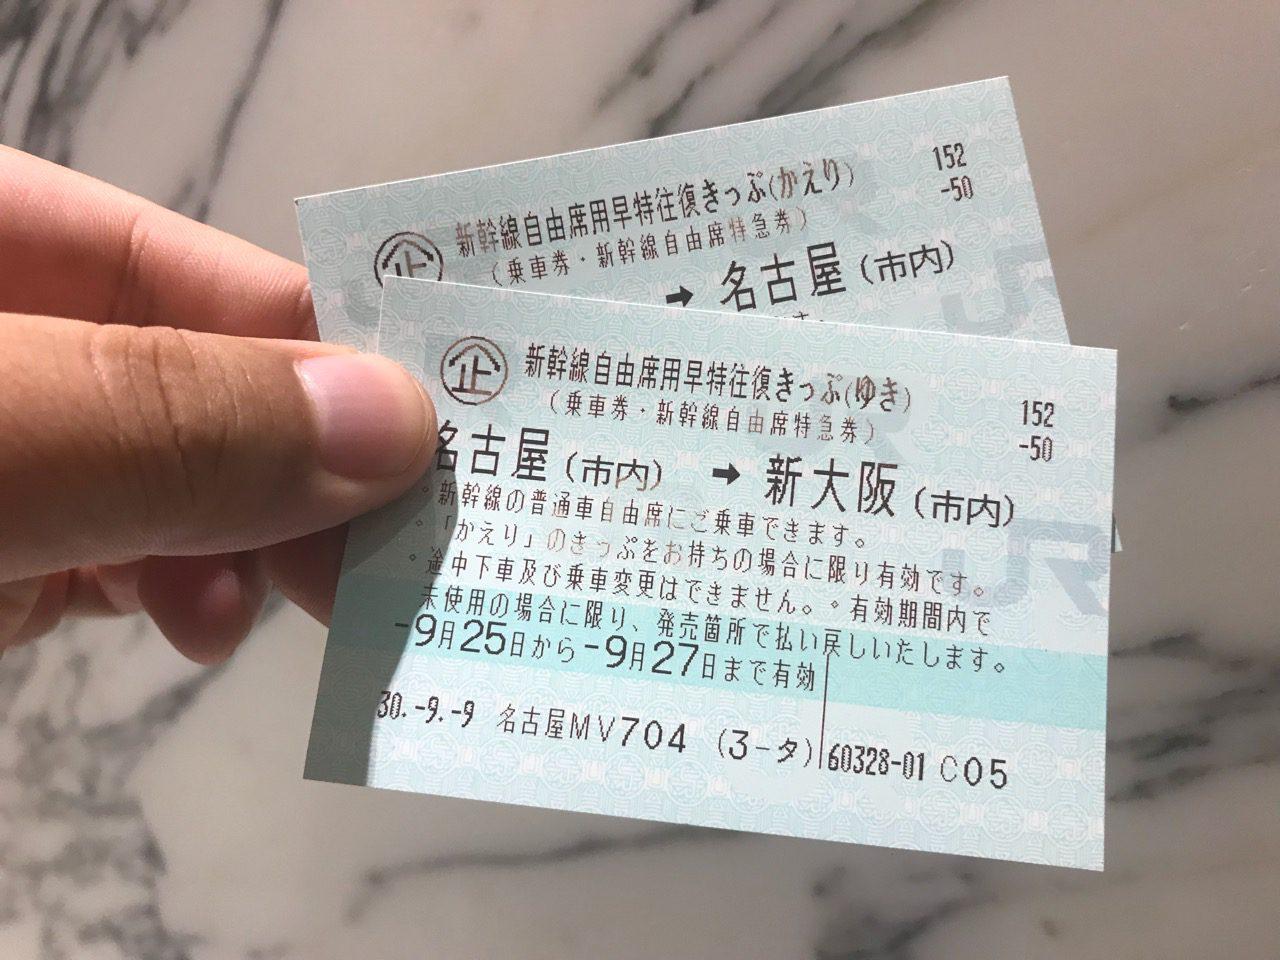 新幹線自由席用早特往復きっぷで名古屋から大阪へ